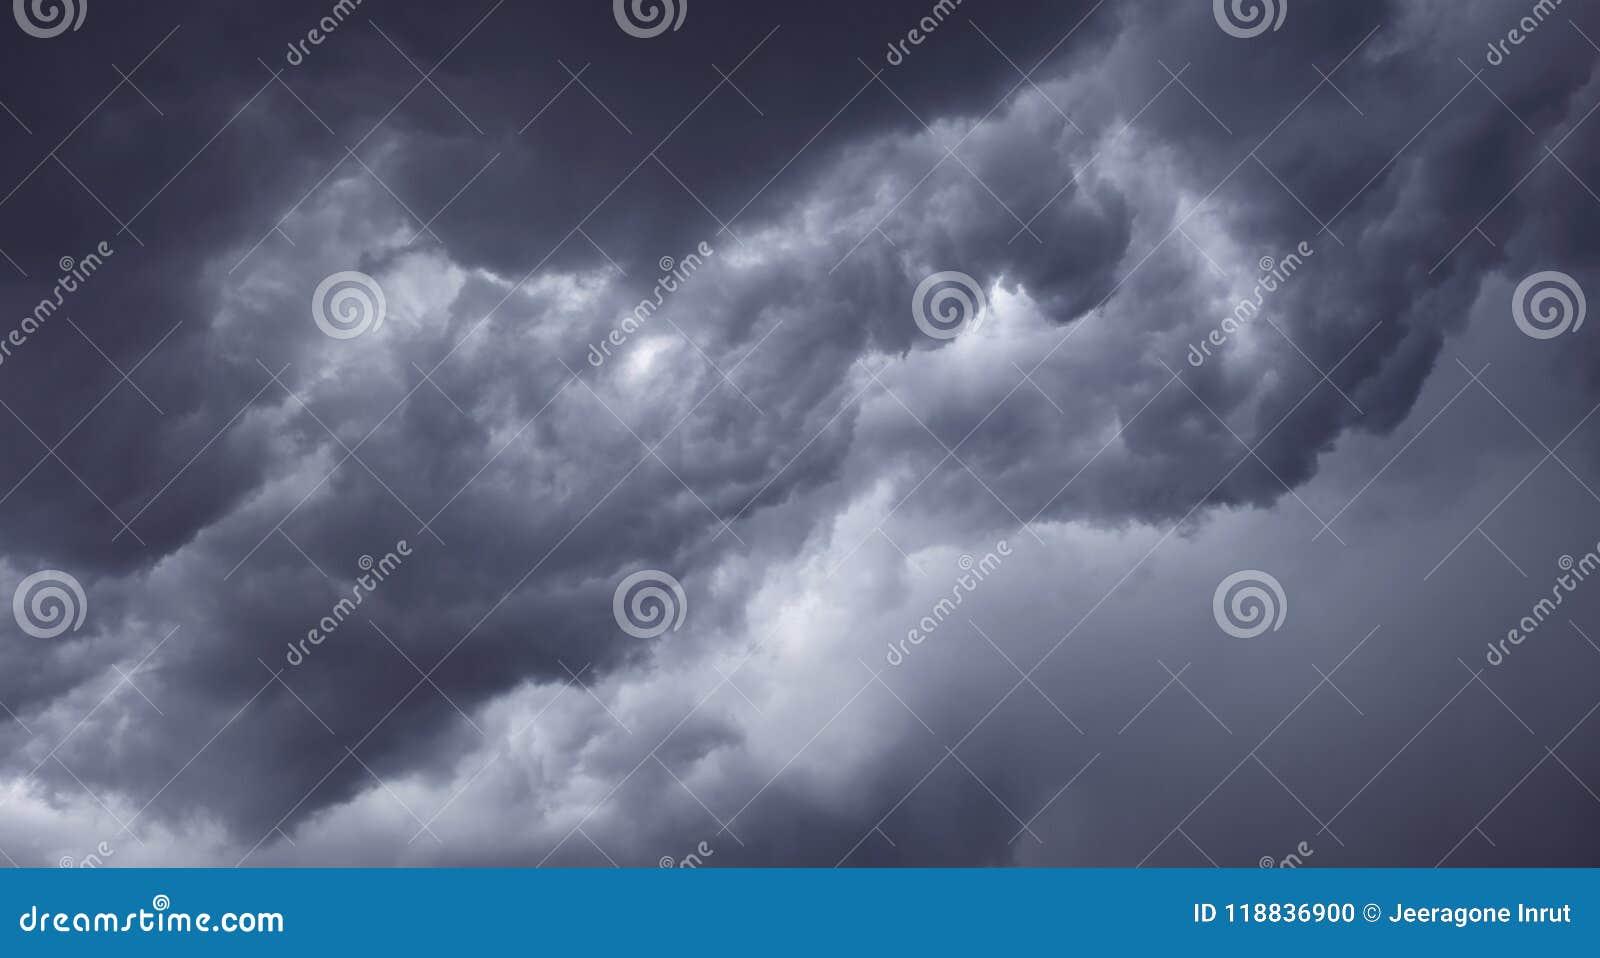 Mörka illavarslande gråa stormoklarheter